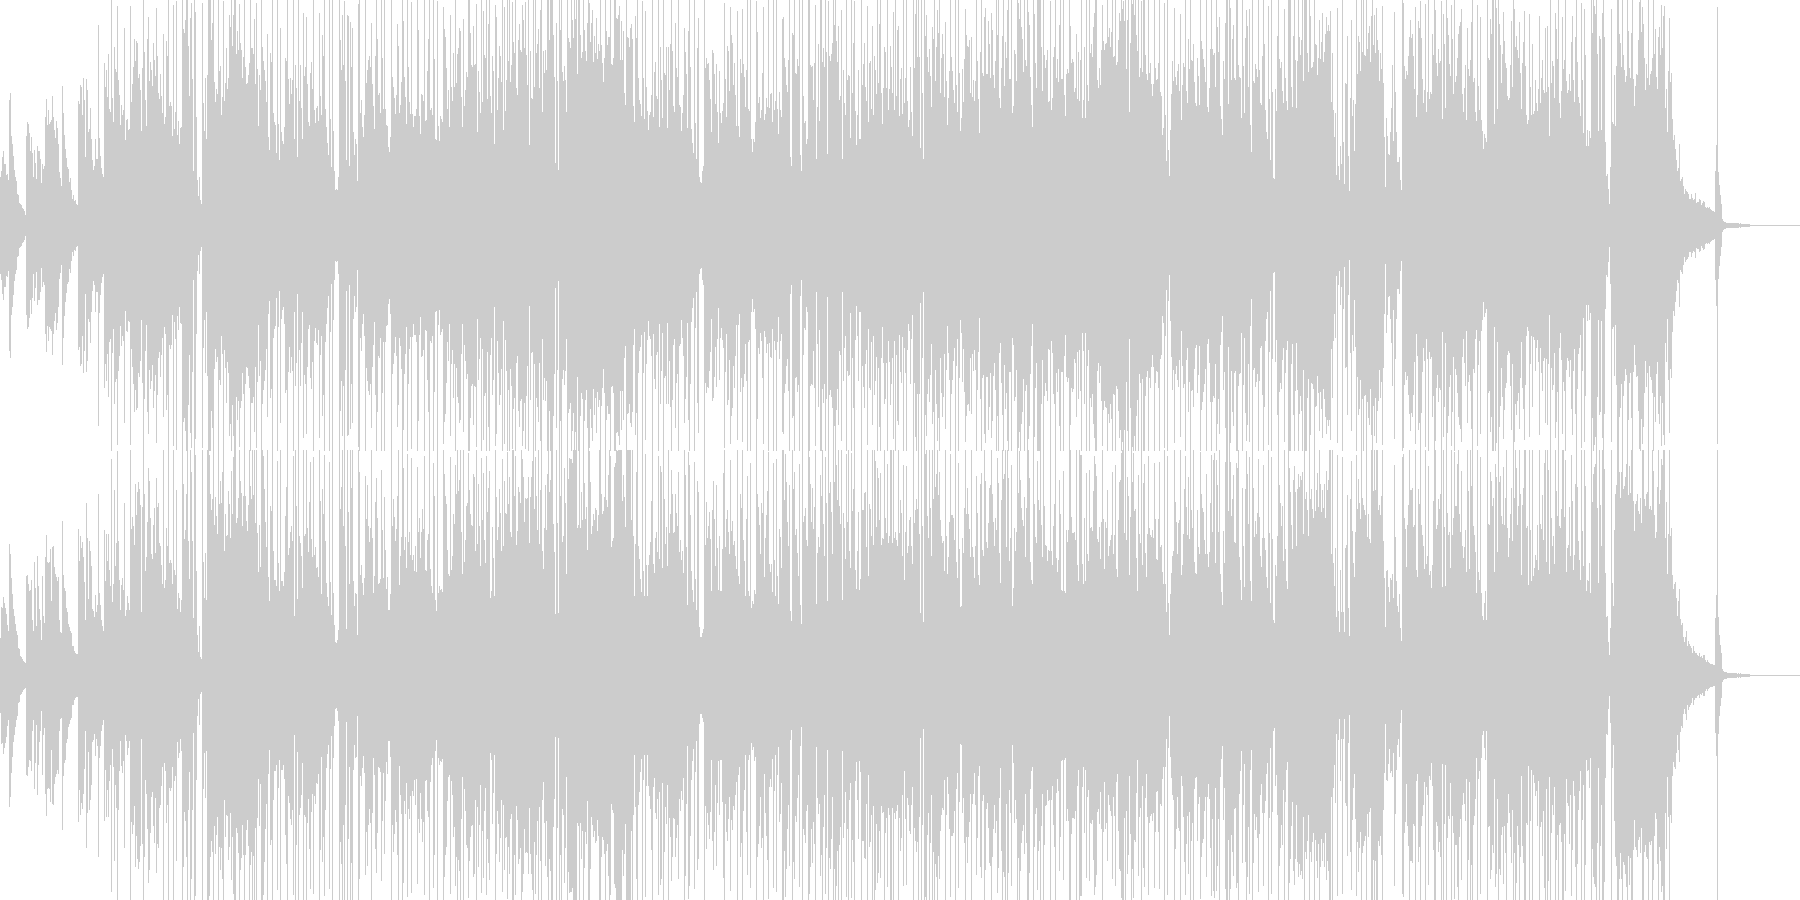 オシャレなギターソロのインストの未再生の波形